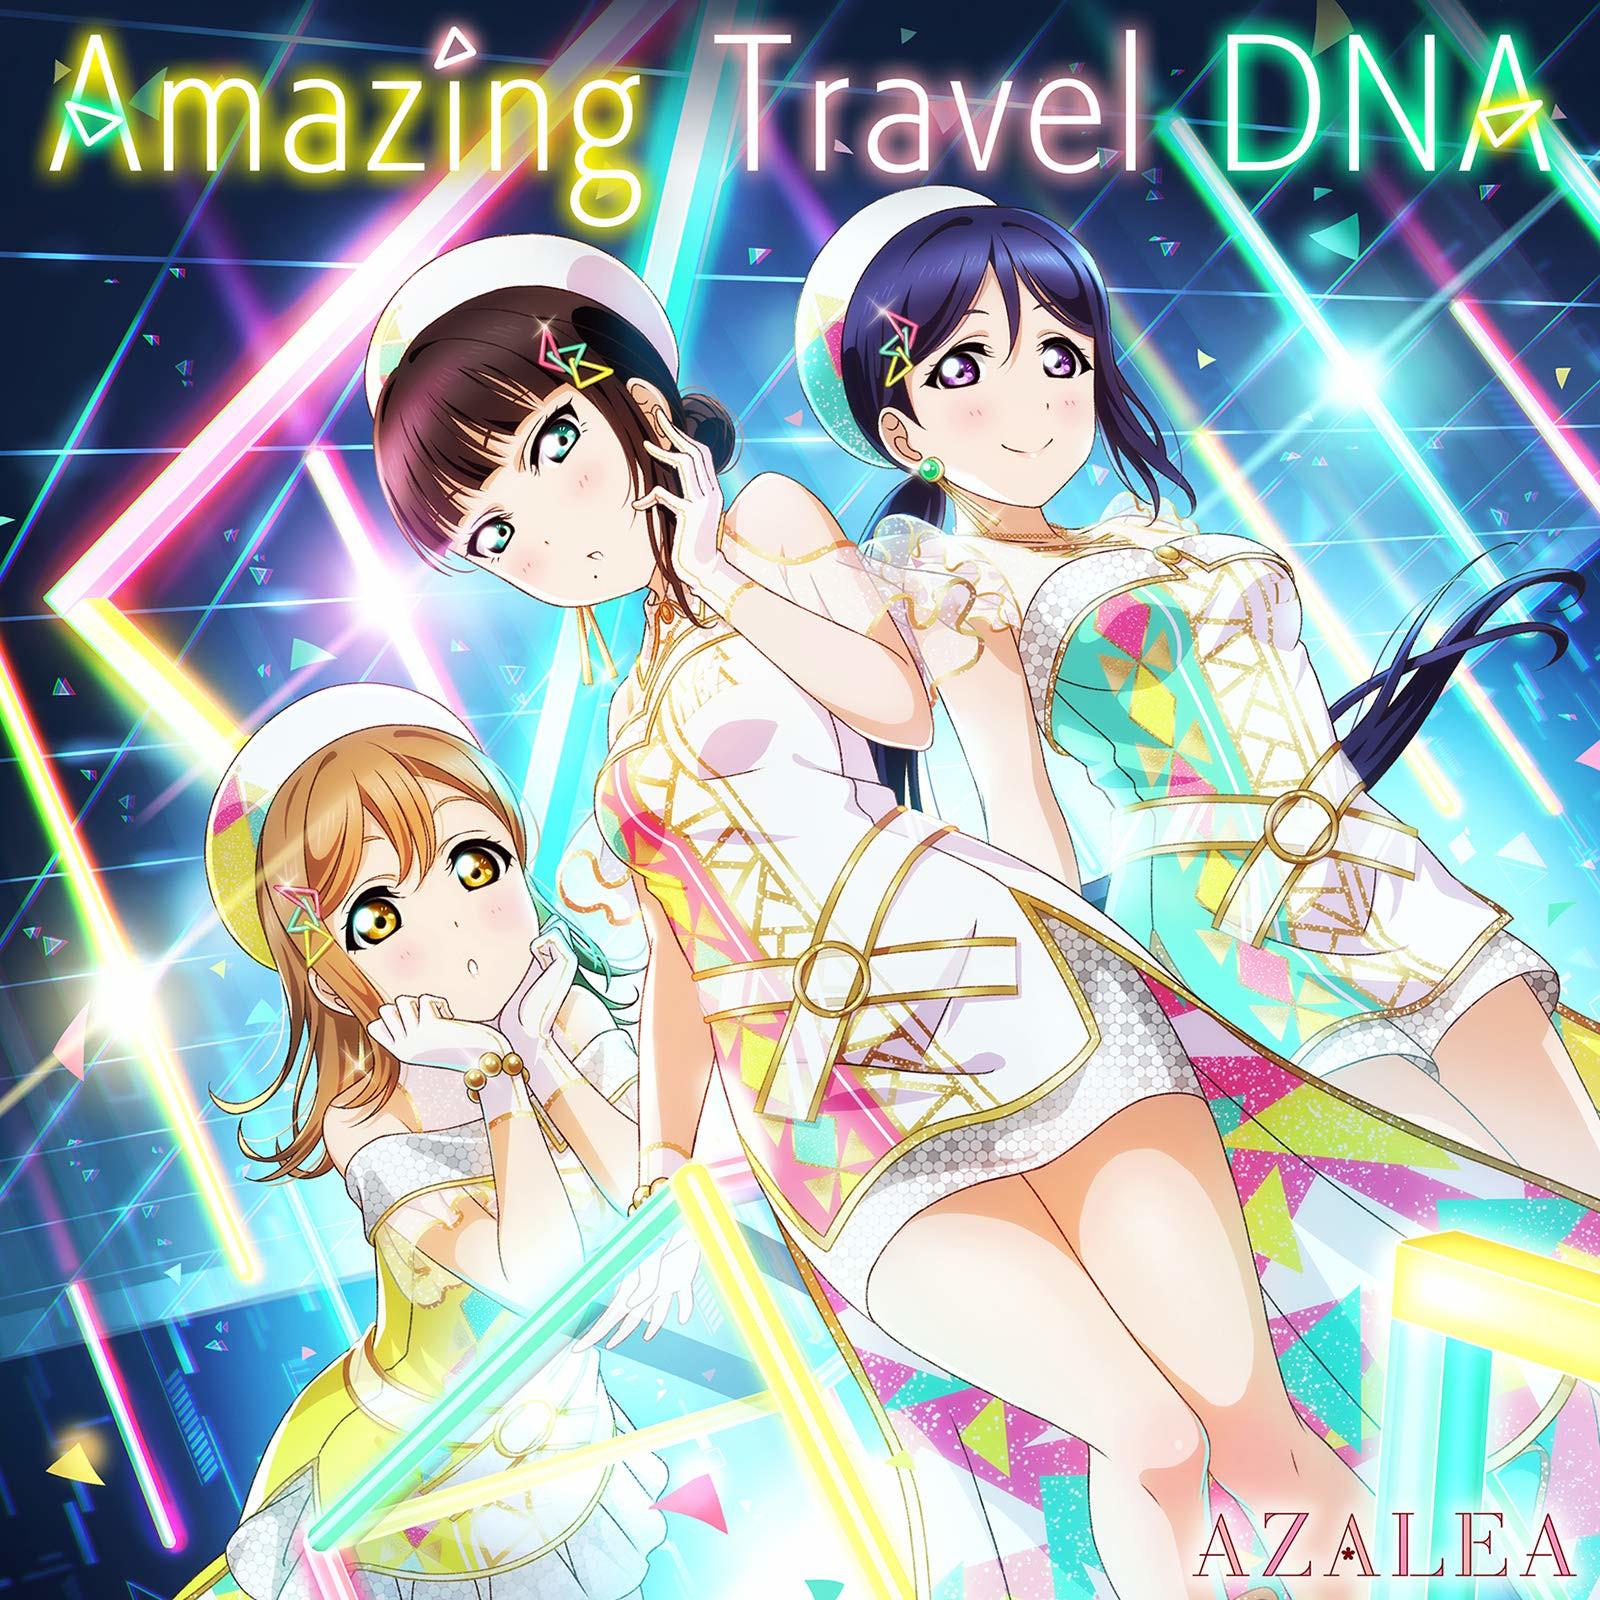 Amazing Travel DNA